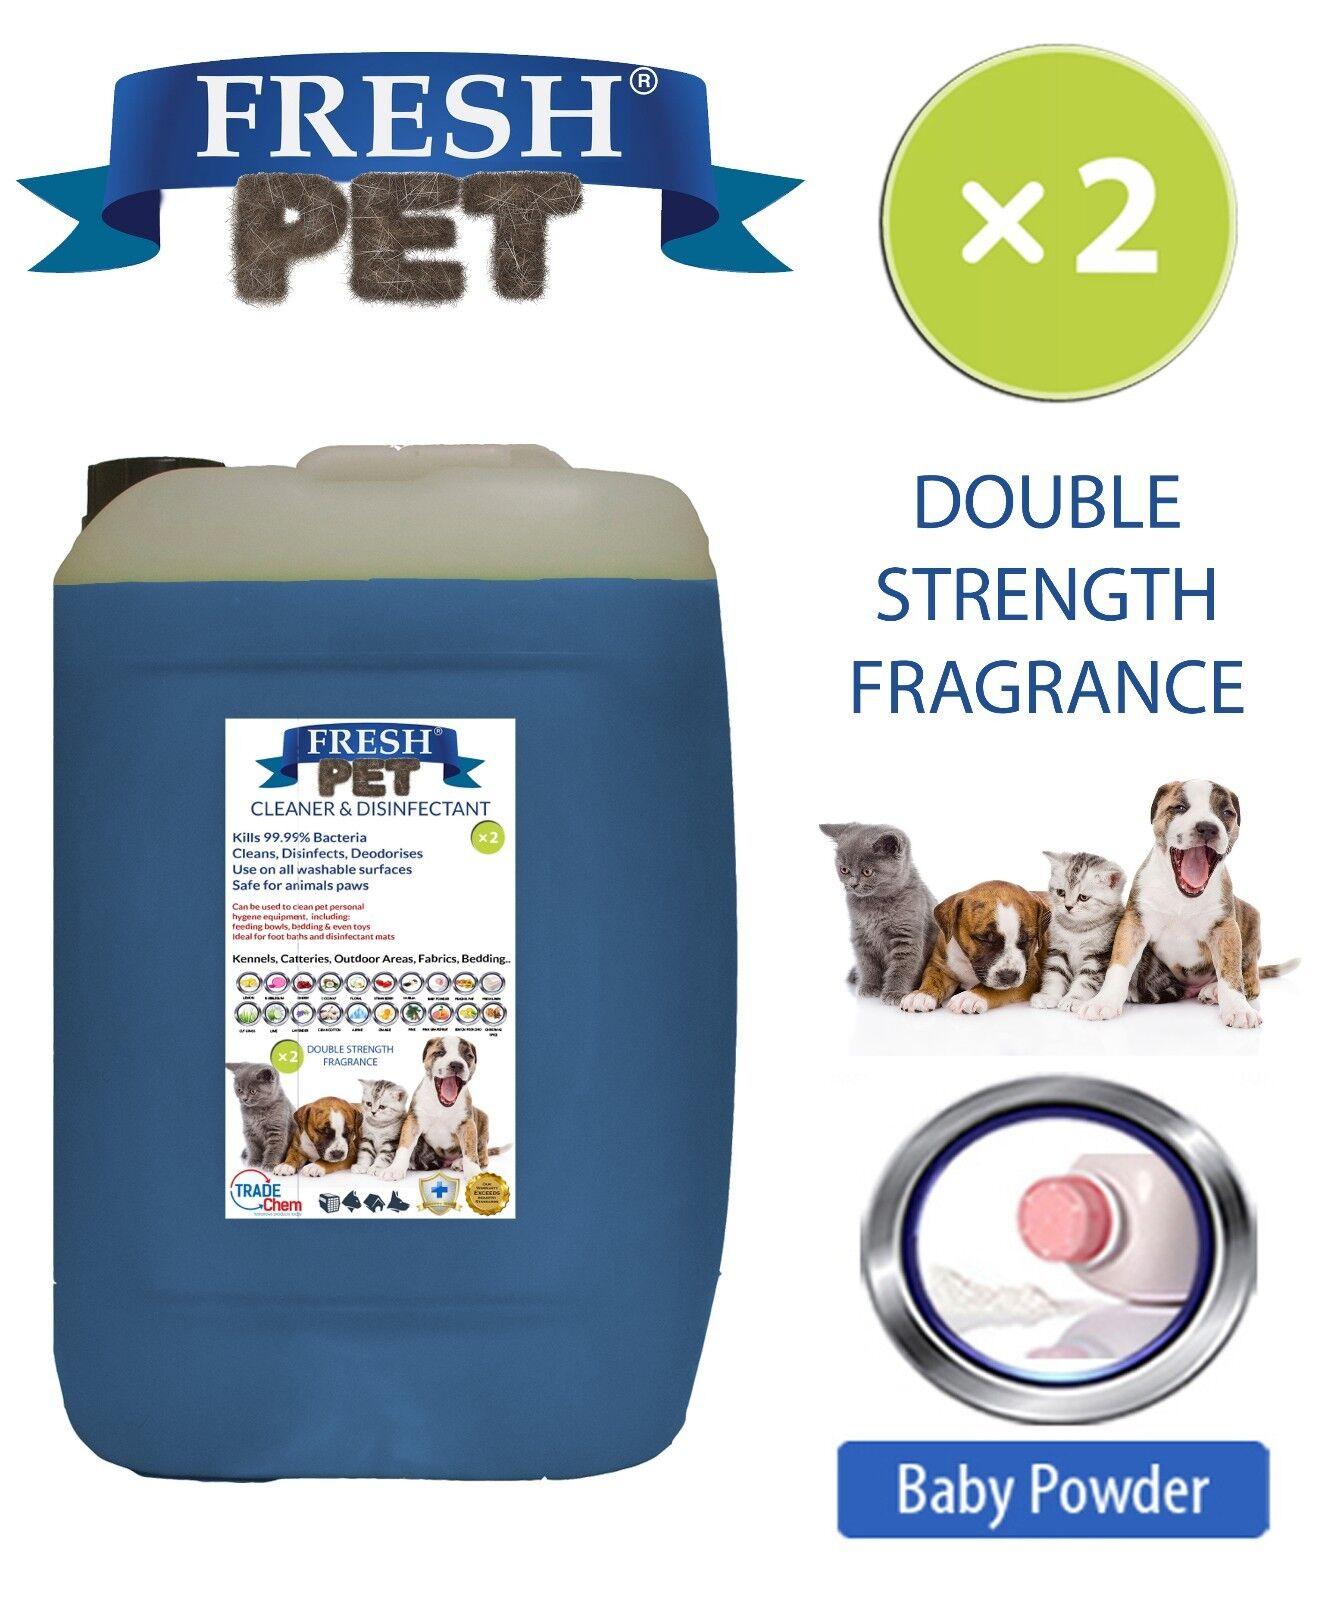 Fresh Pet Hundehütte Hund Desinfektionsmittel Doppelt Stark Duft 20L Babypuder